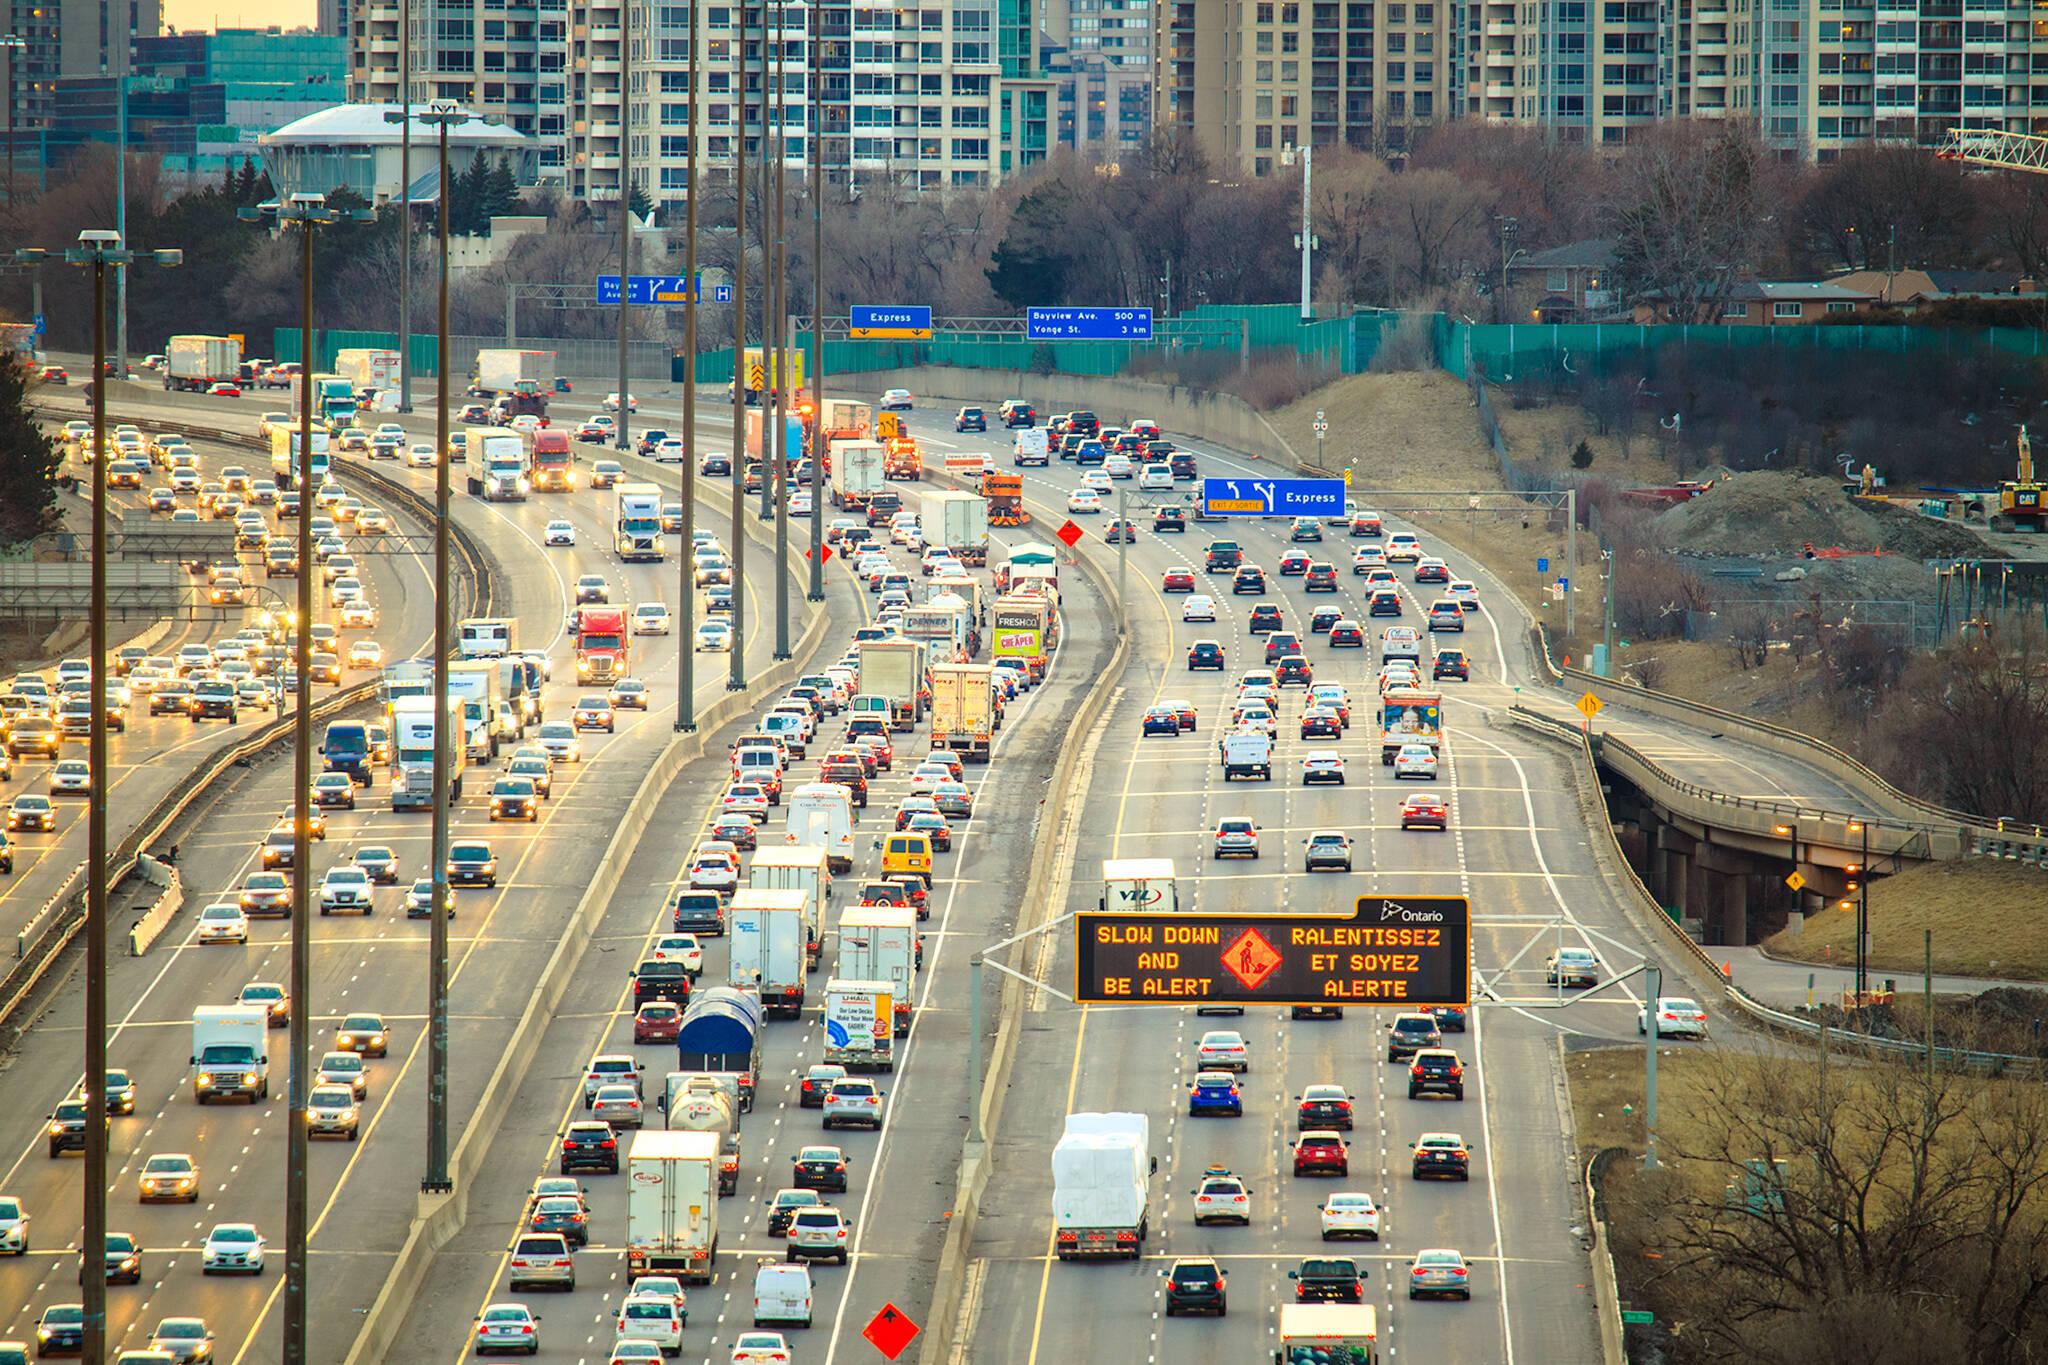 413 highway